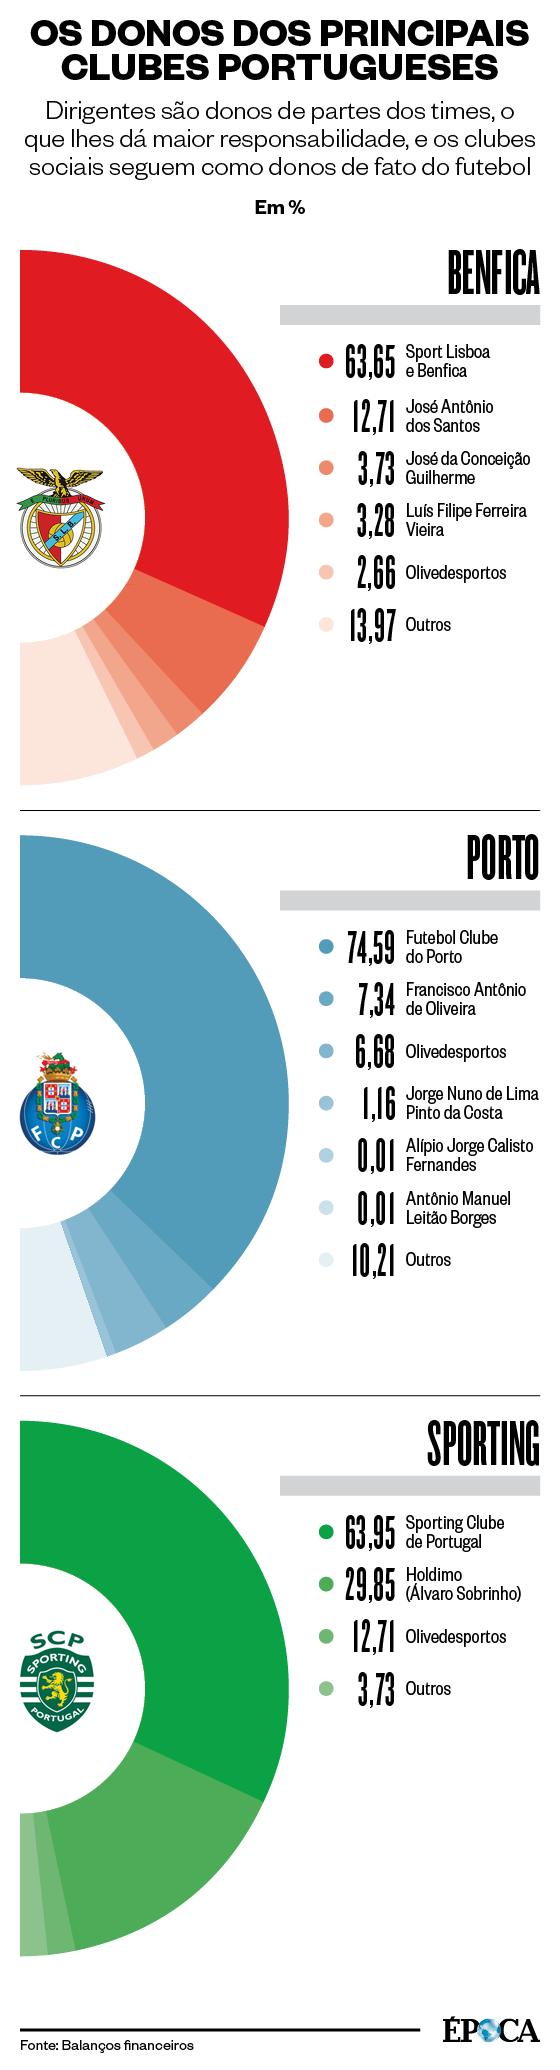 OS DONOS DOS PRINCIPAIS CLUBES PORTUGUESES Dirigentes são donos de partes dos times, o que lhes dá maior responsabilidade, e os clubes sociais seguem como donos de fato do futebol (Foto: Fonte: Balanços financeiros)